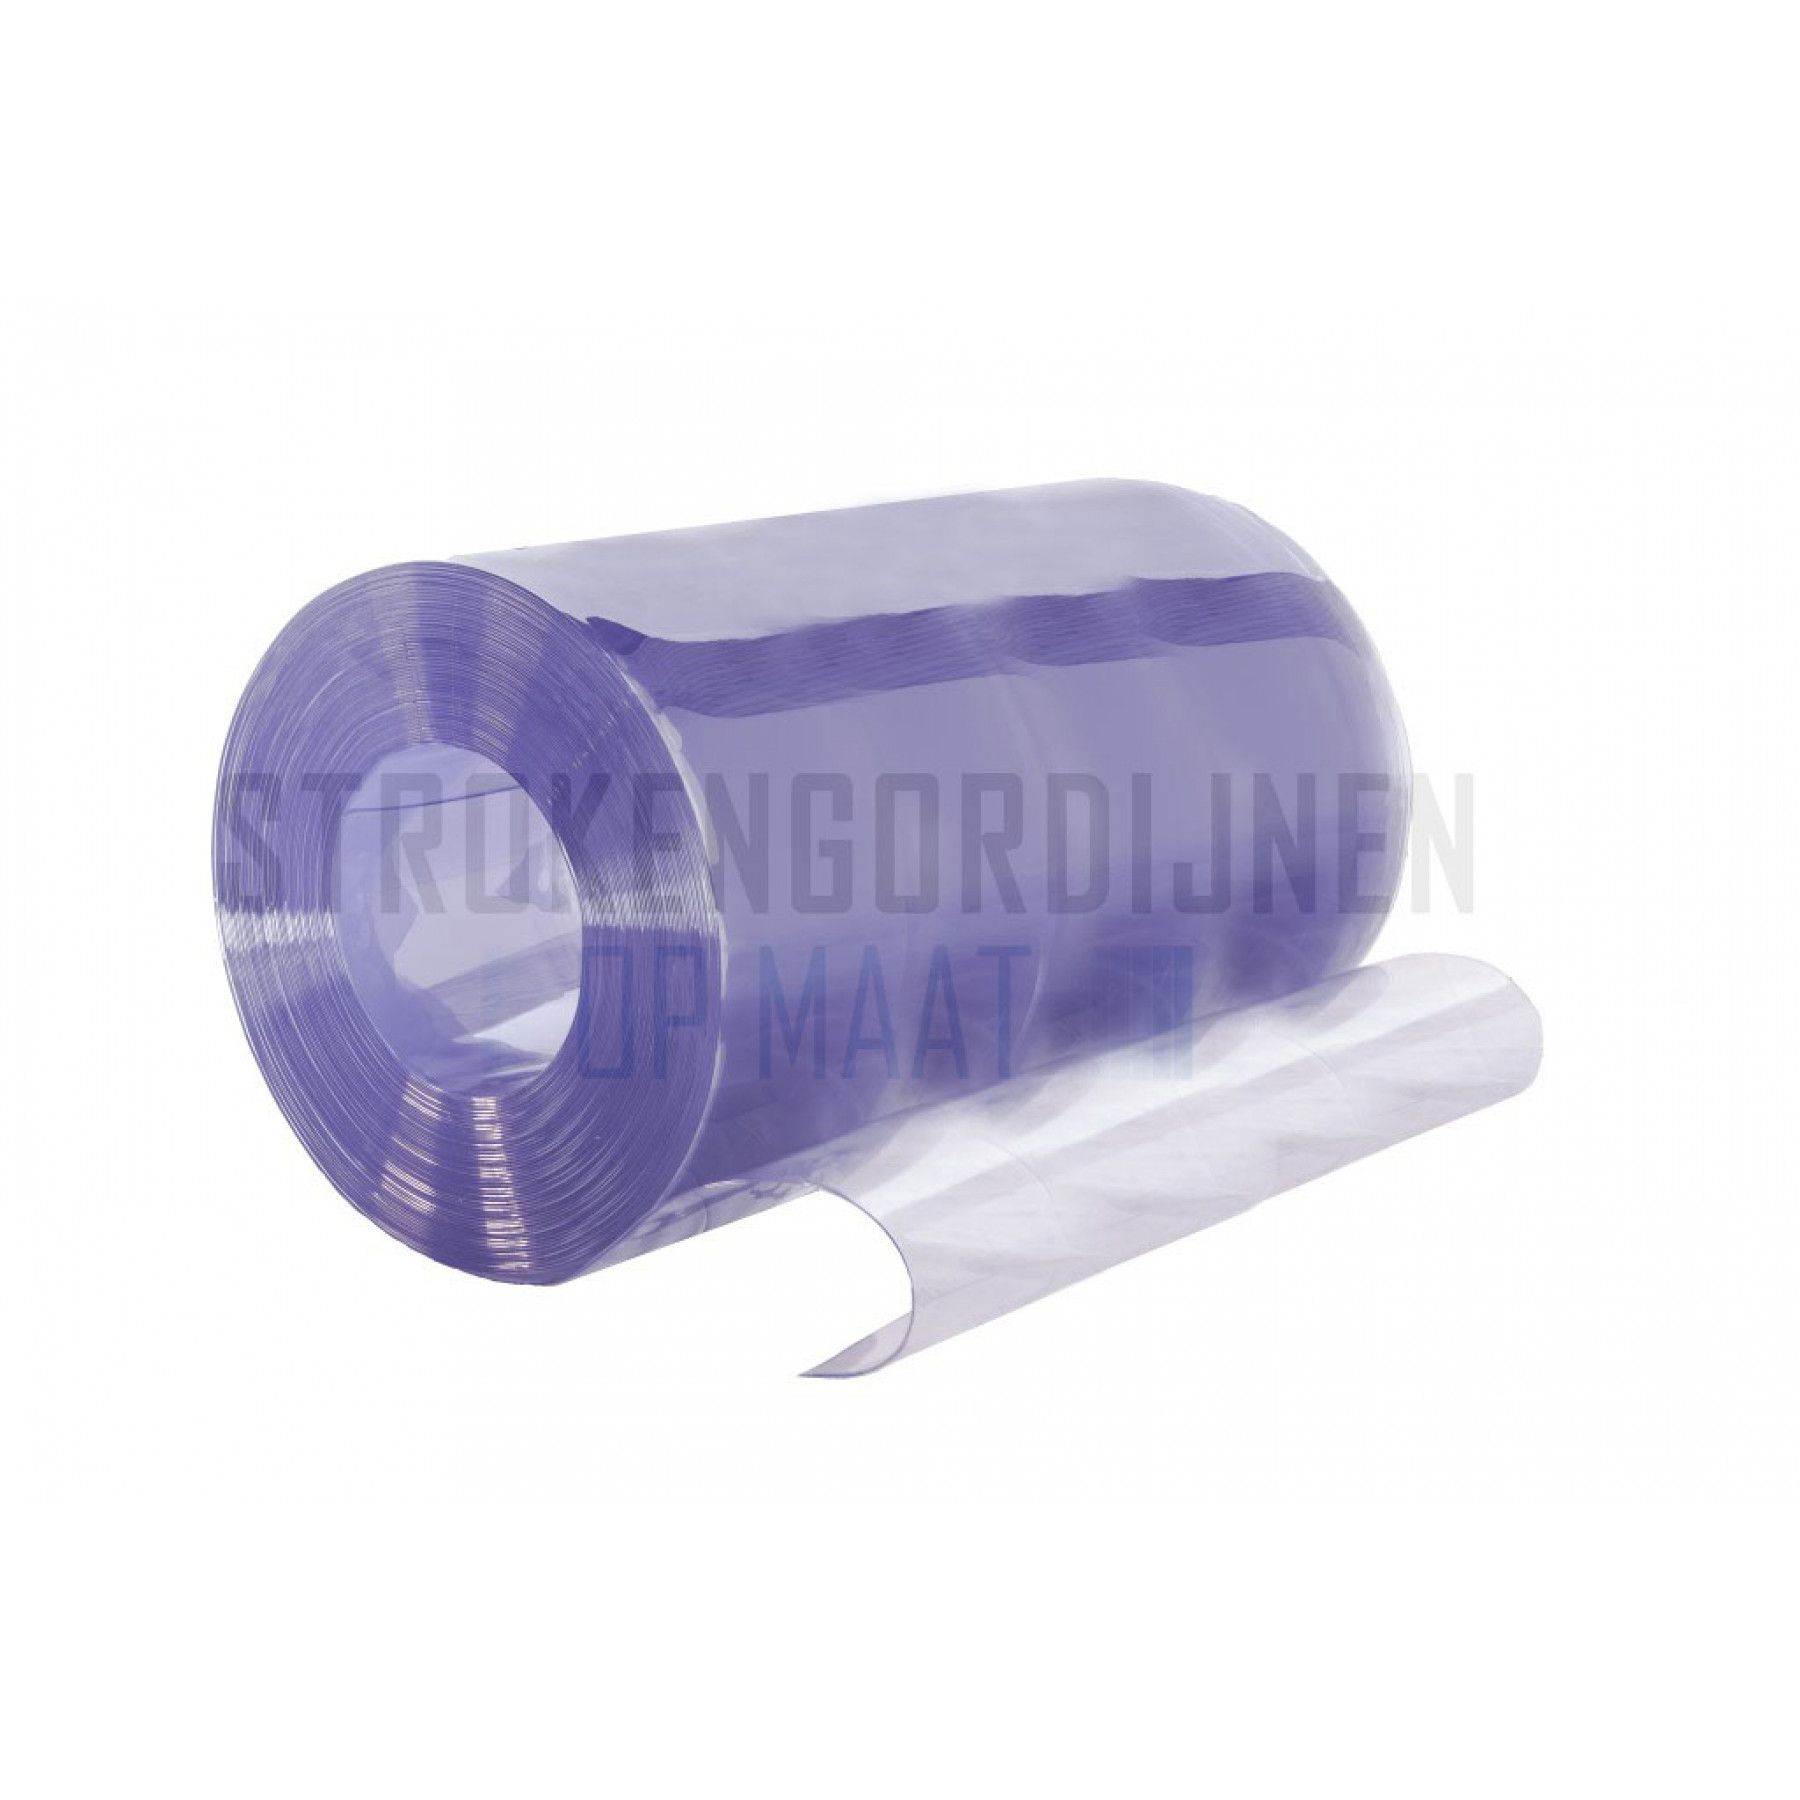 PVC Streifen zur Renovierung, 1200mm breit, 2mm dick, transparent